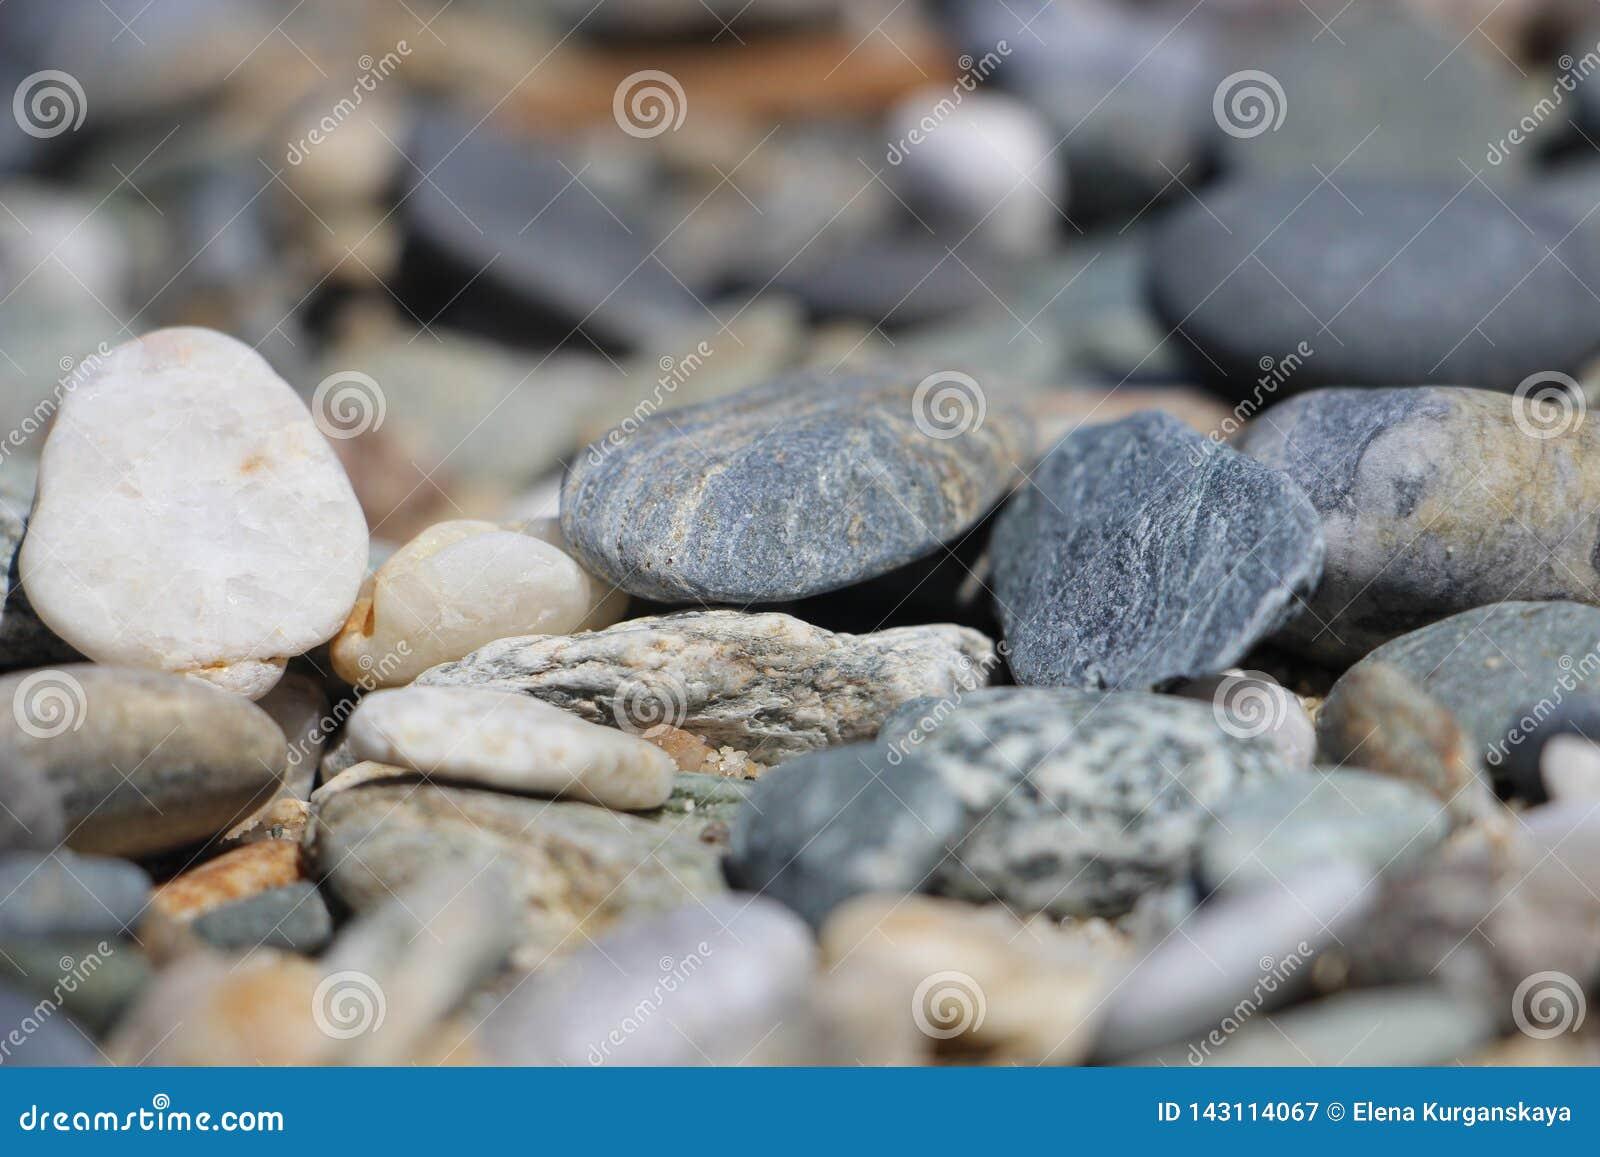 Kamień kopalin fotografia makro-